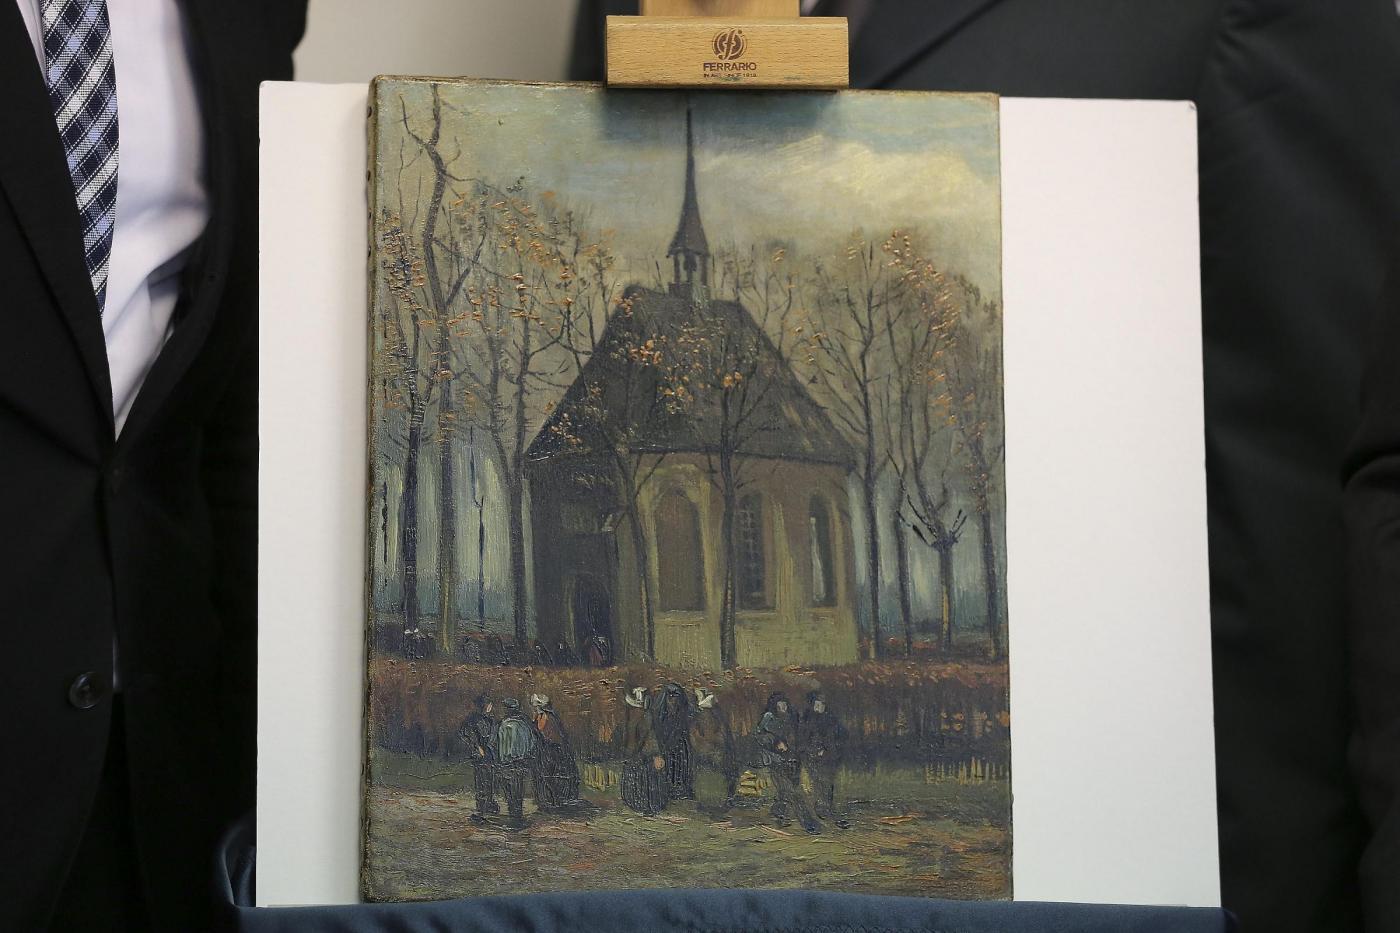 Napoli, recuperati due quadri di Van Gogh dalla Guardia di Finanza